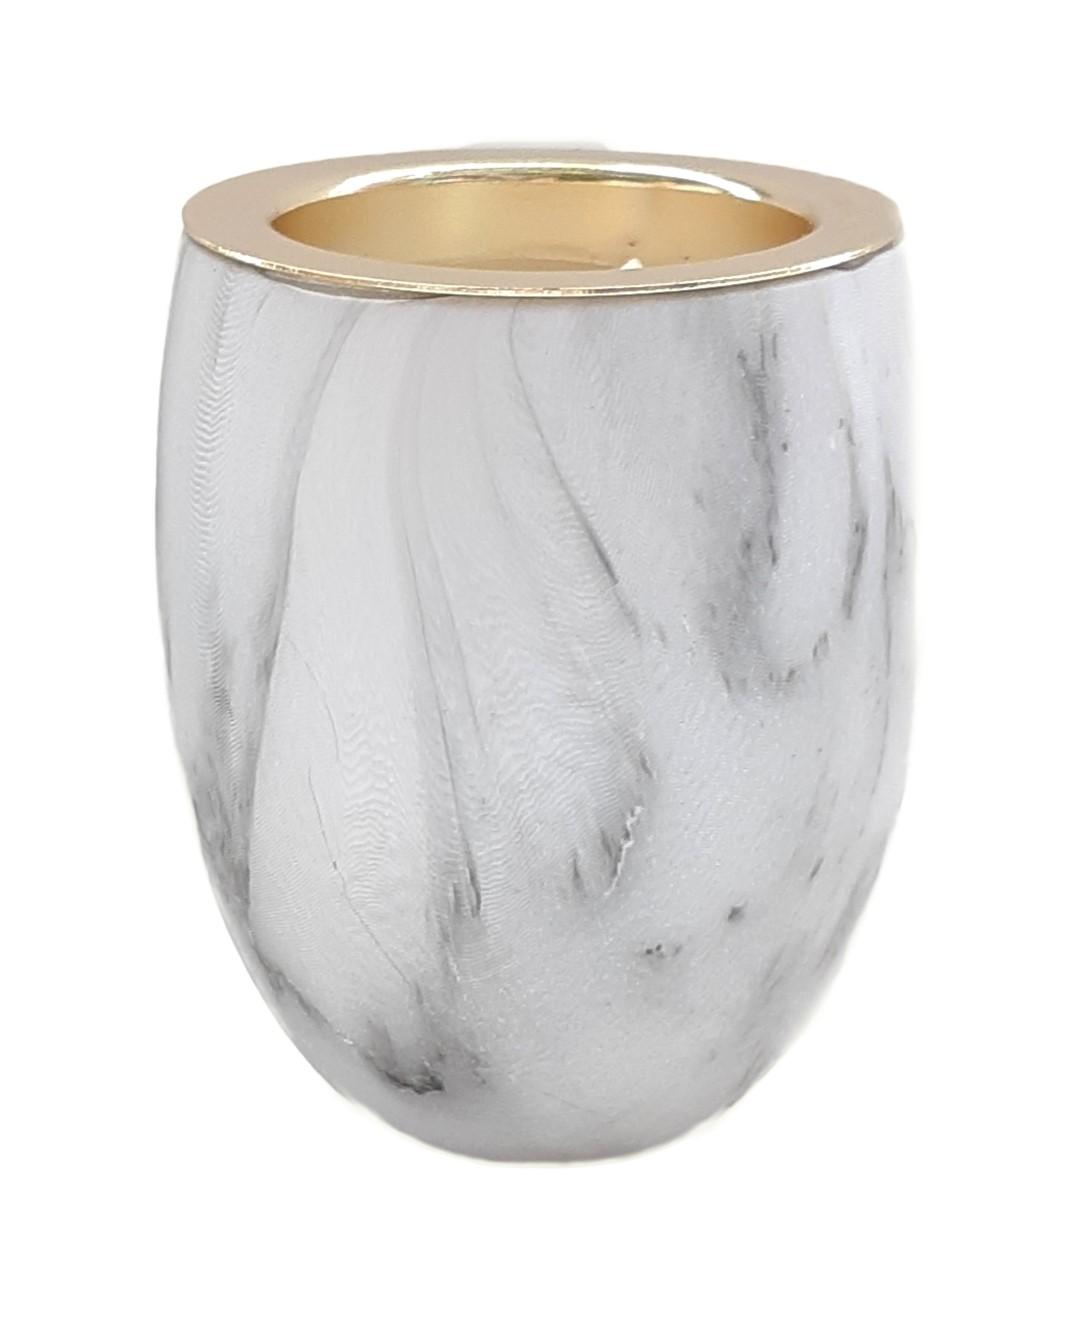 נר בכלי דגם שיש זהב - Cedarwood Amber